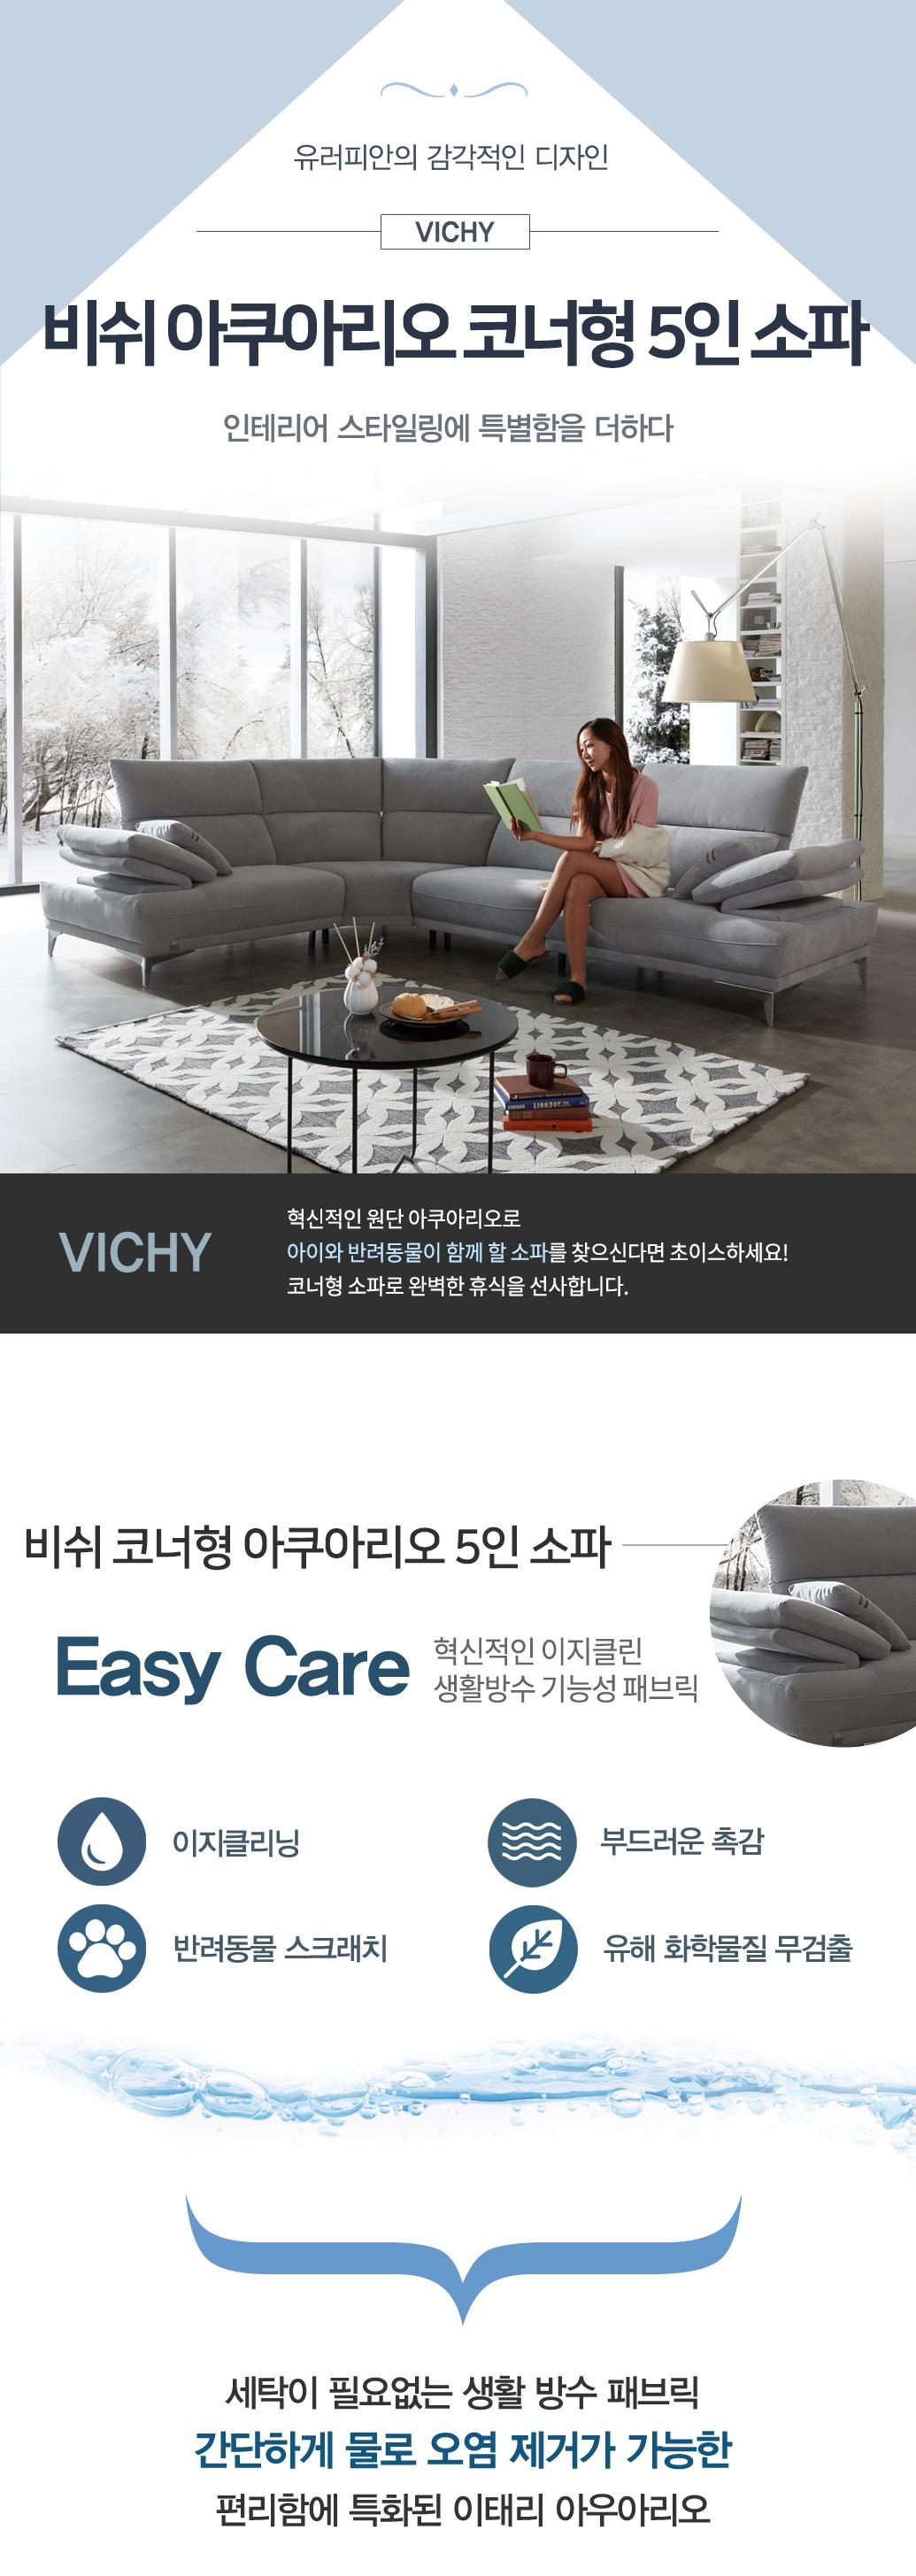 VICHY_01.jpg